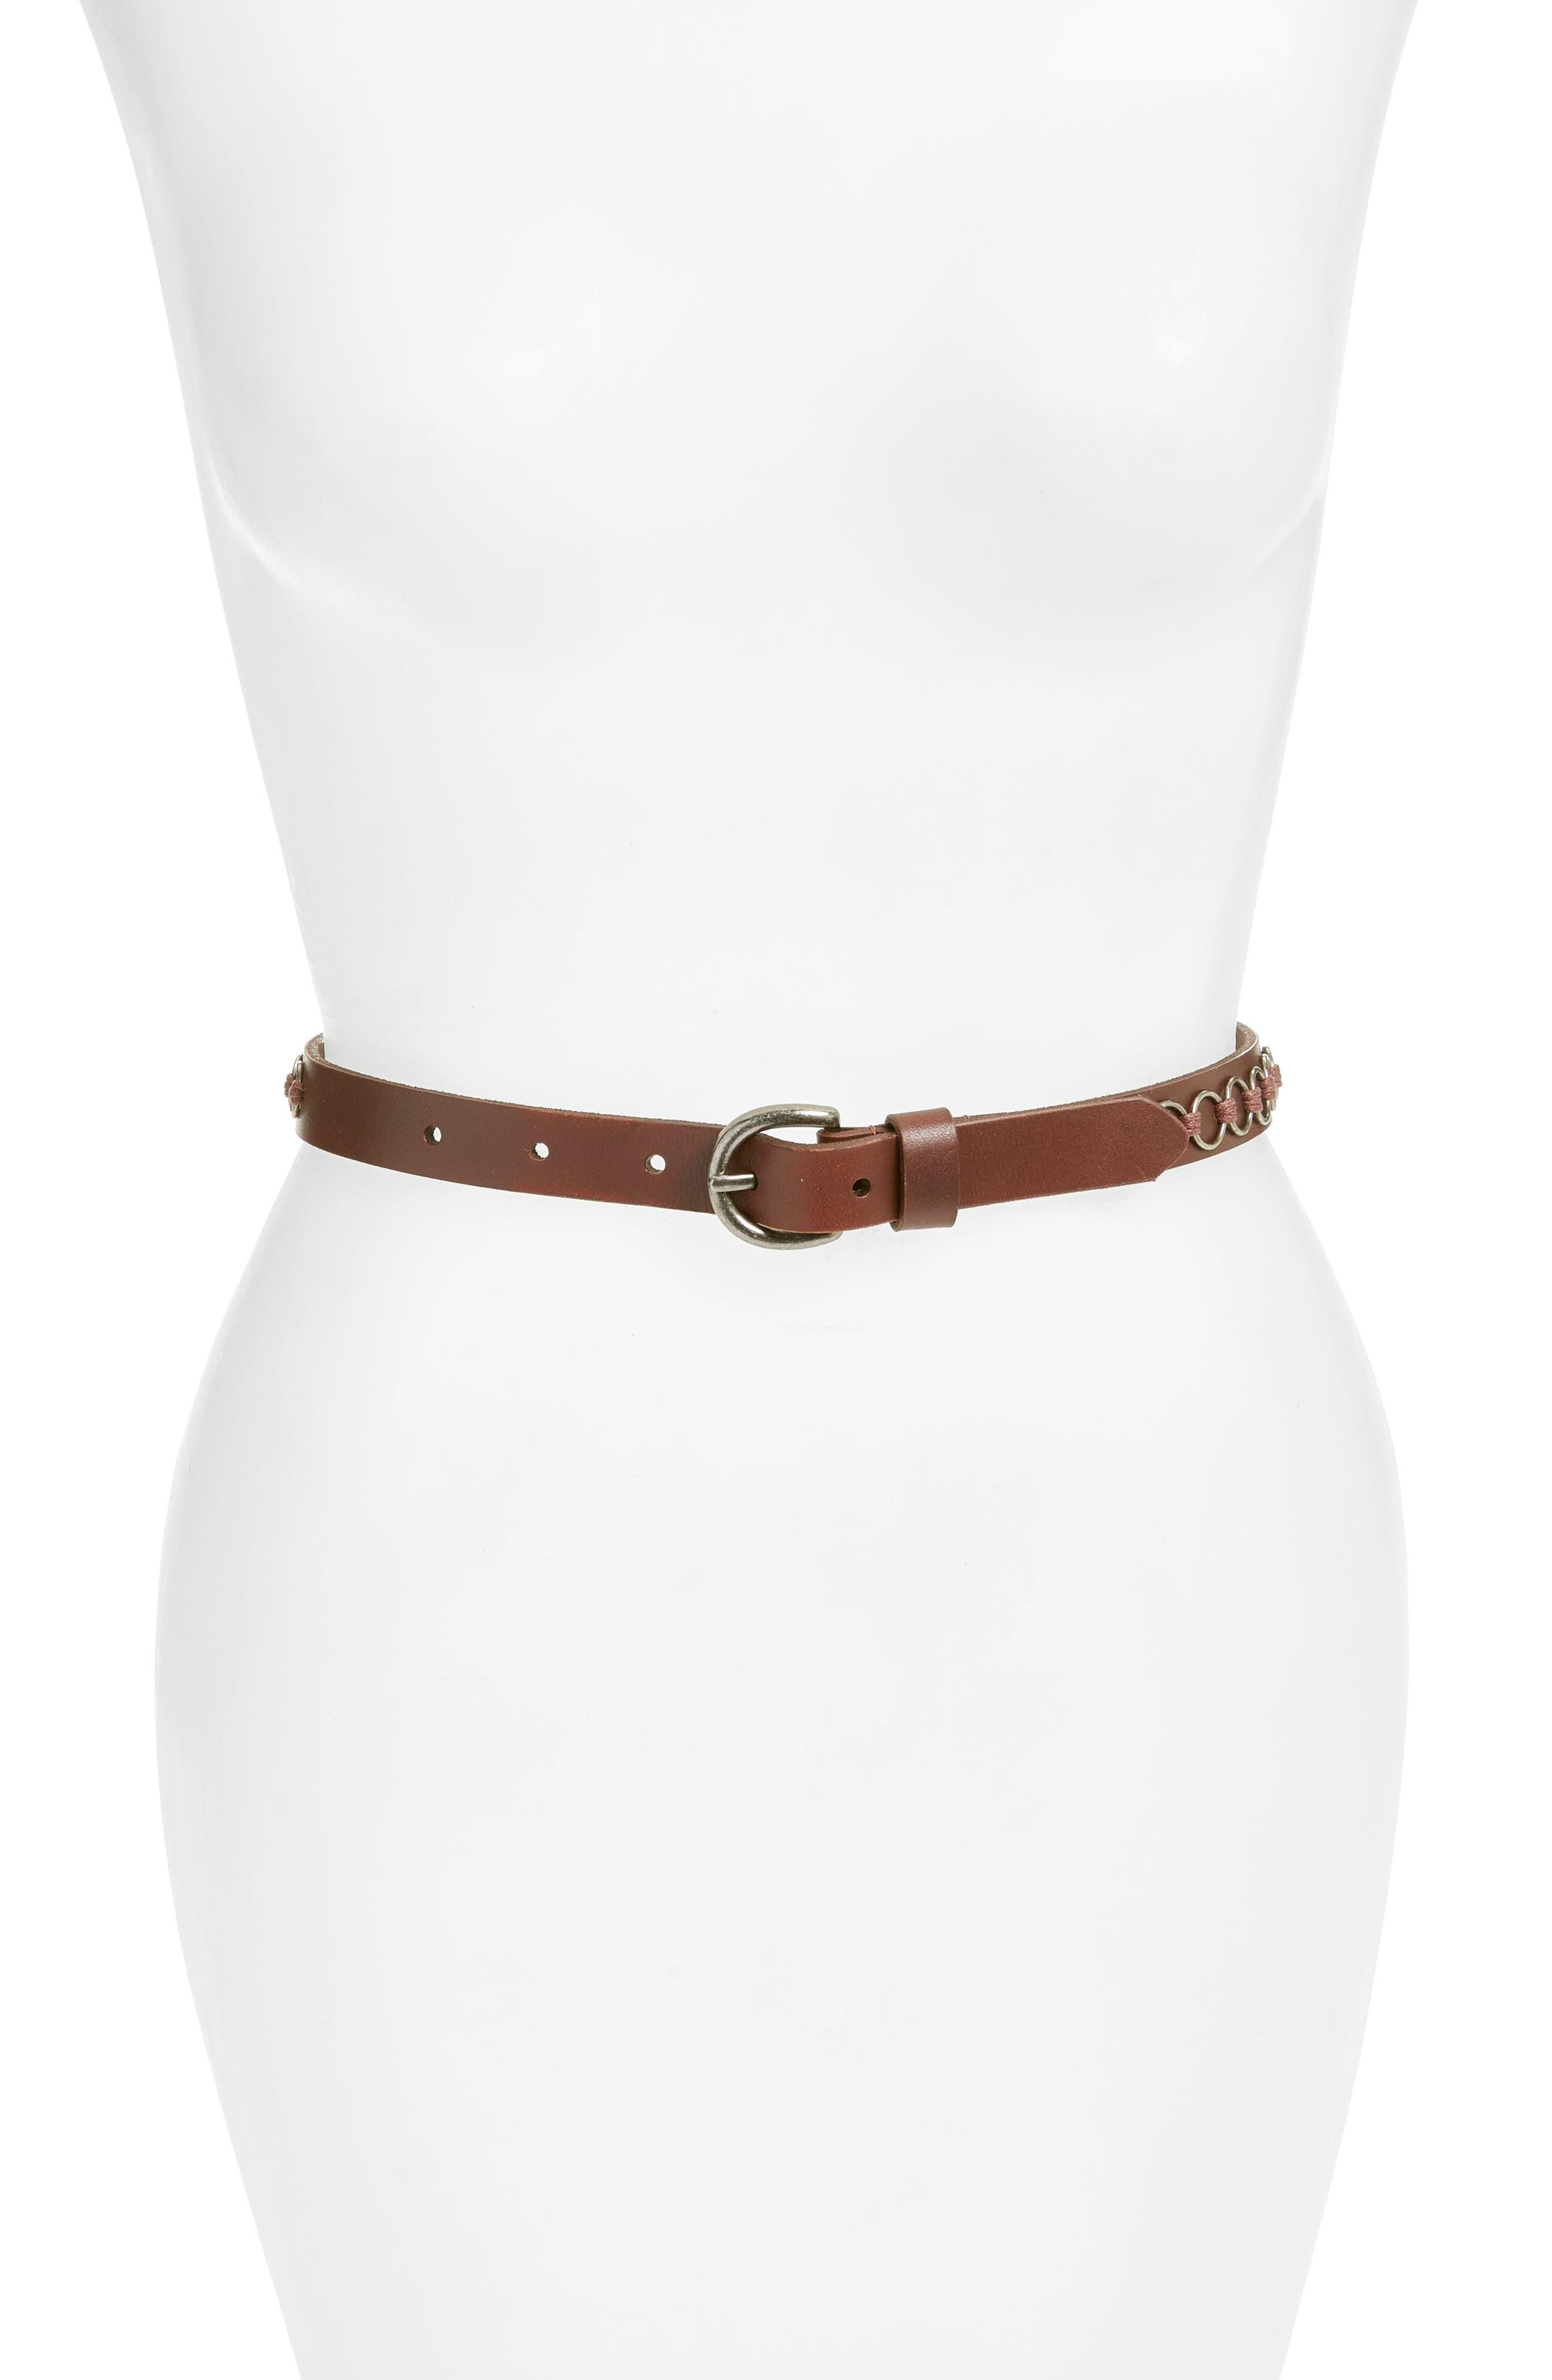 LODIS Leather Belt,                             Main thumbnail 1, color,                             200